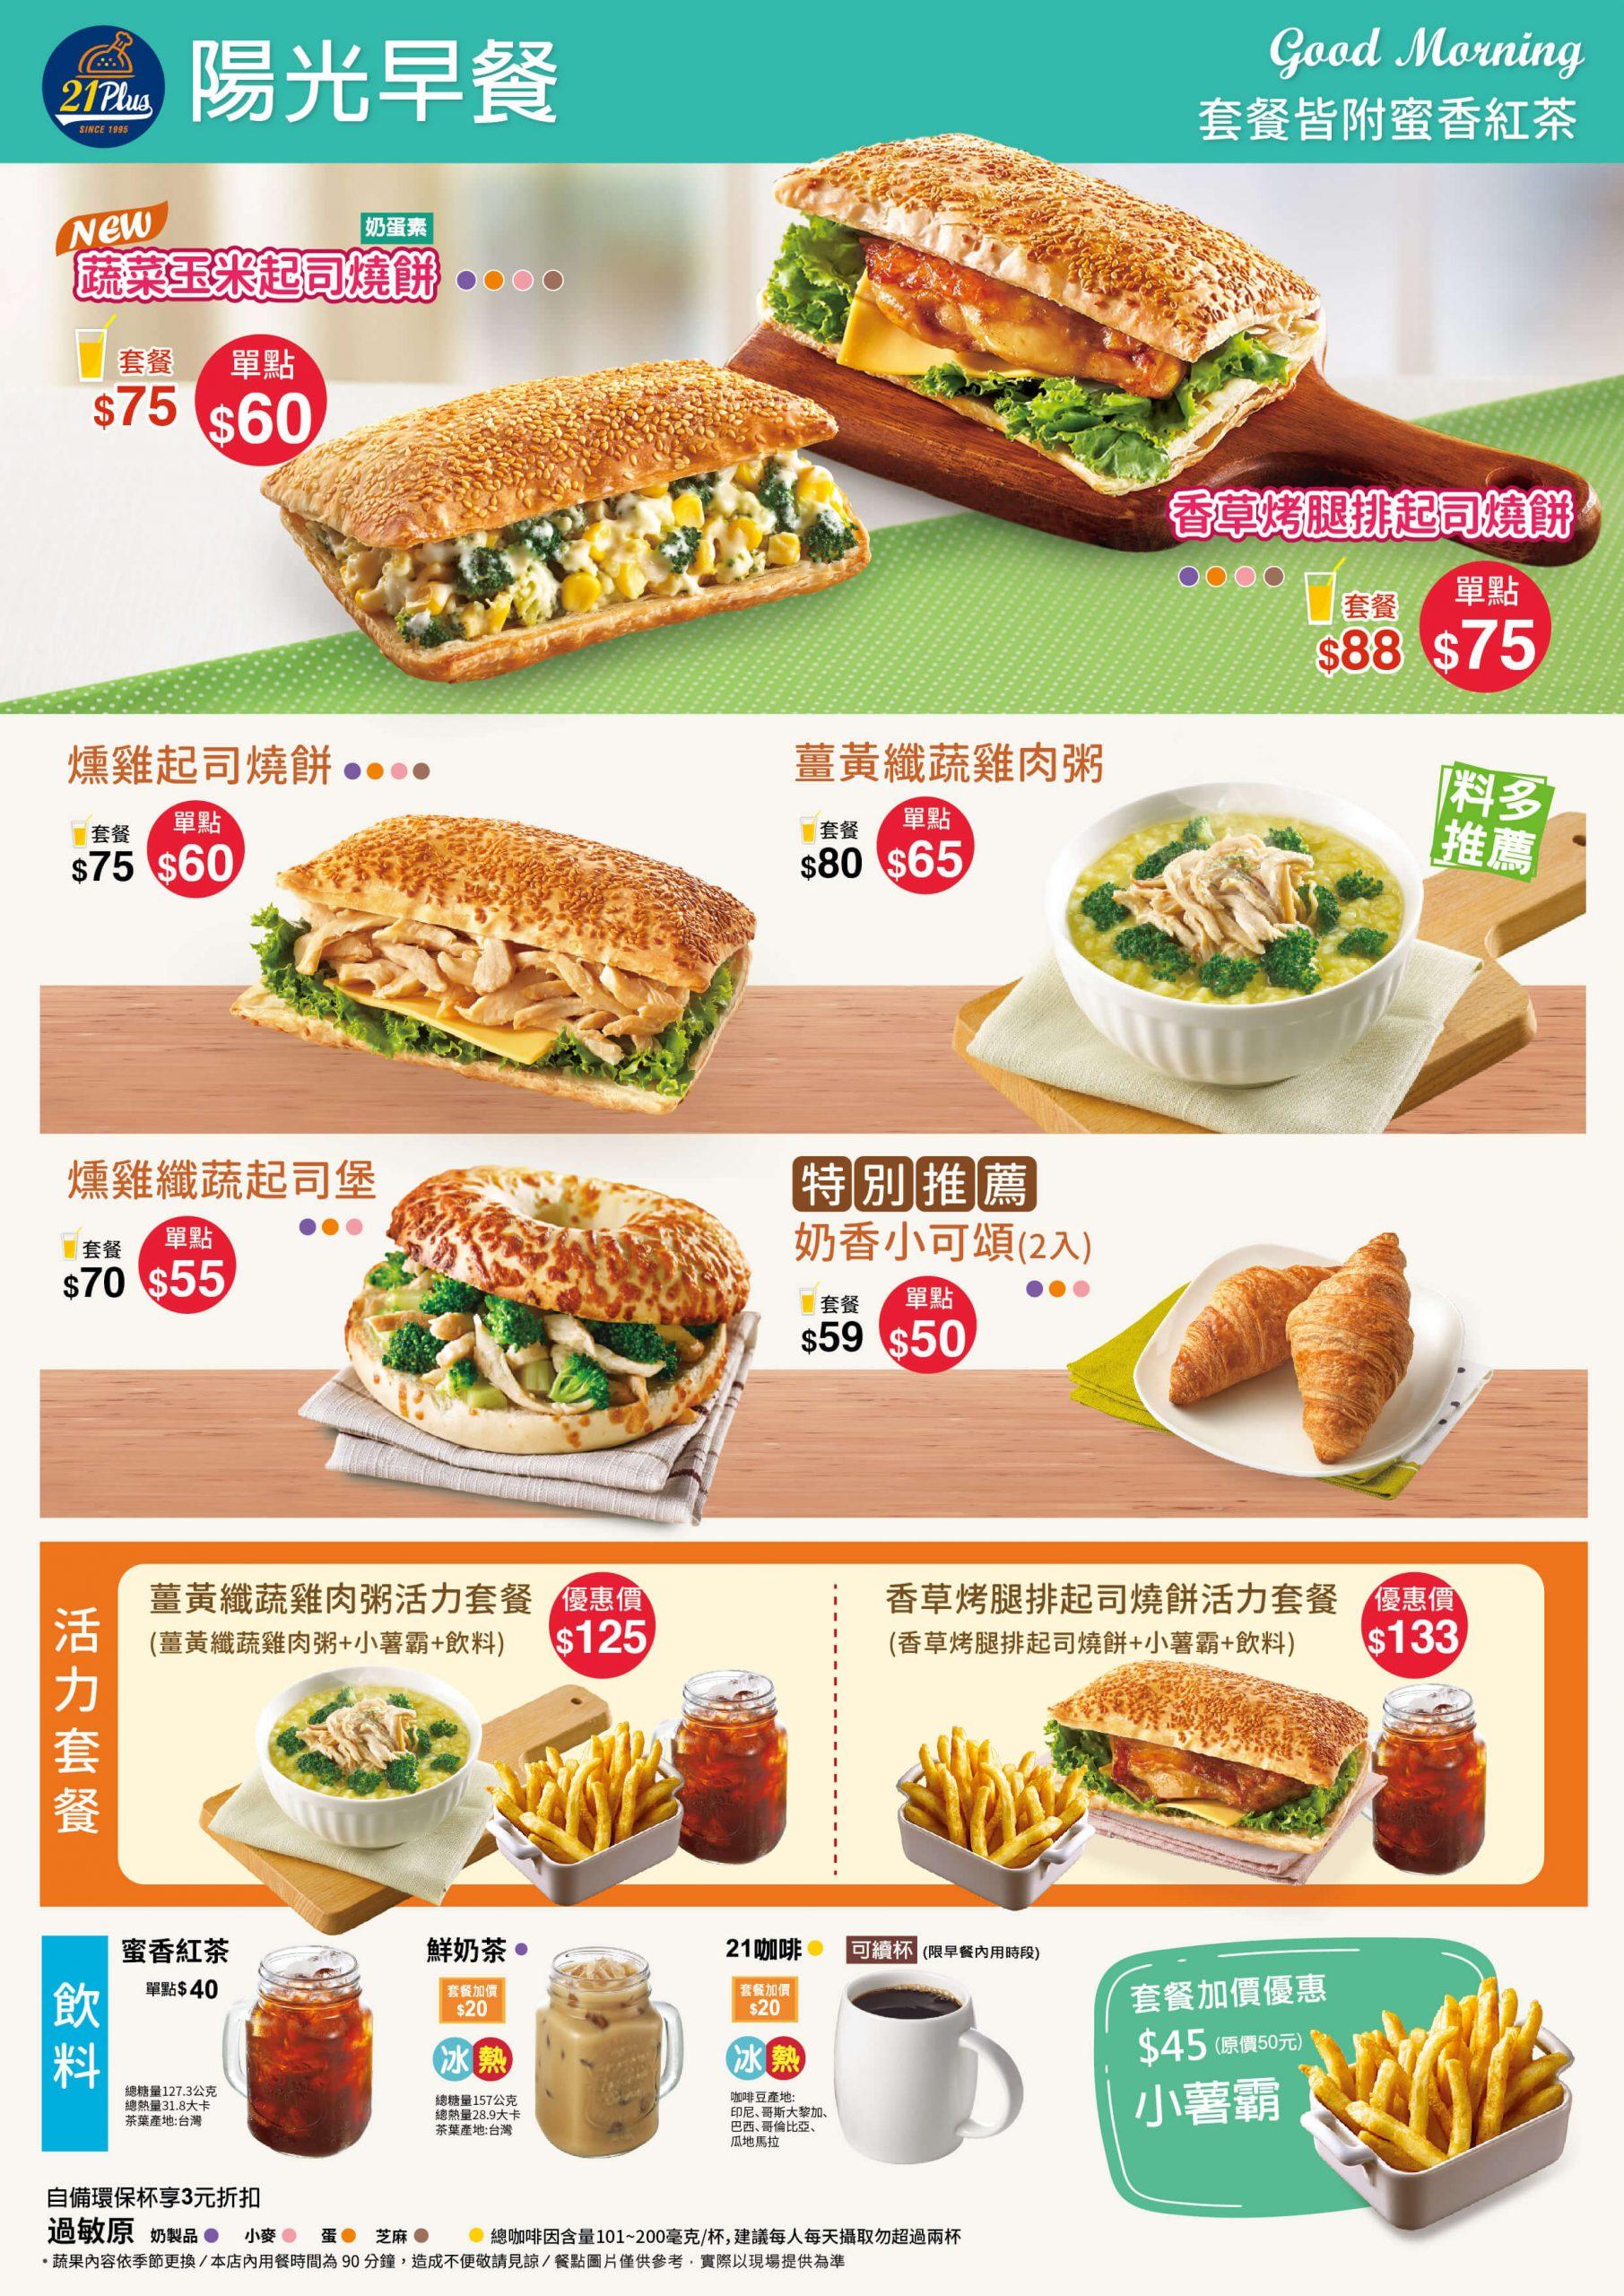 21PLUS台北時代早餐限定菜單MENU